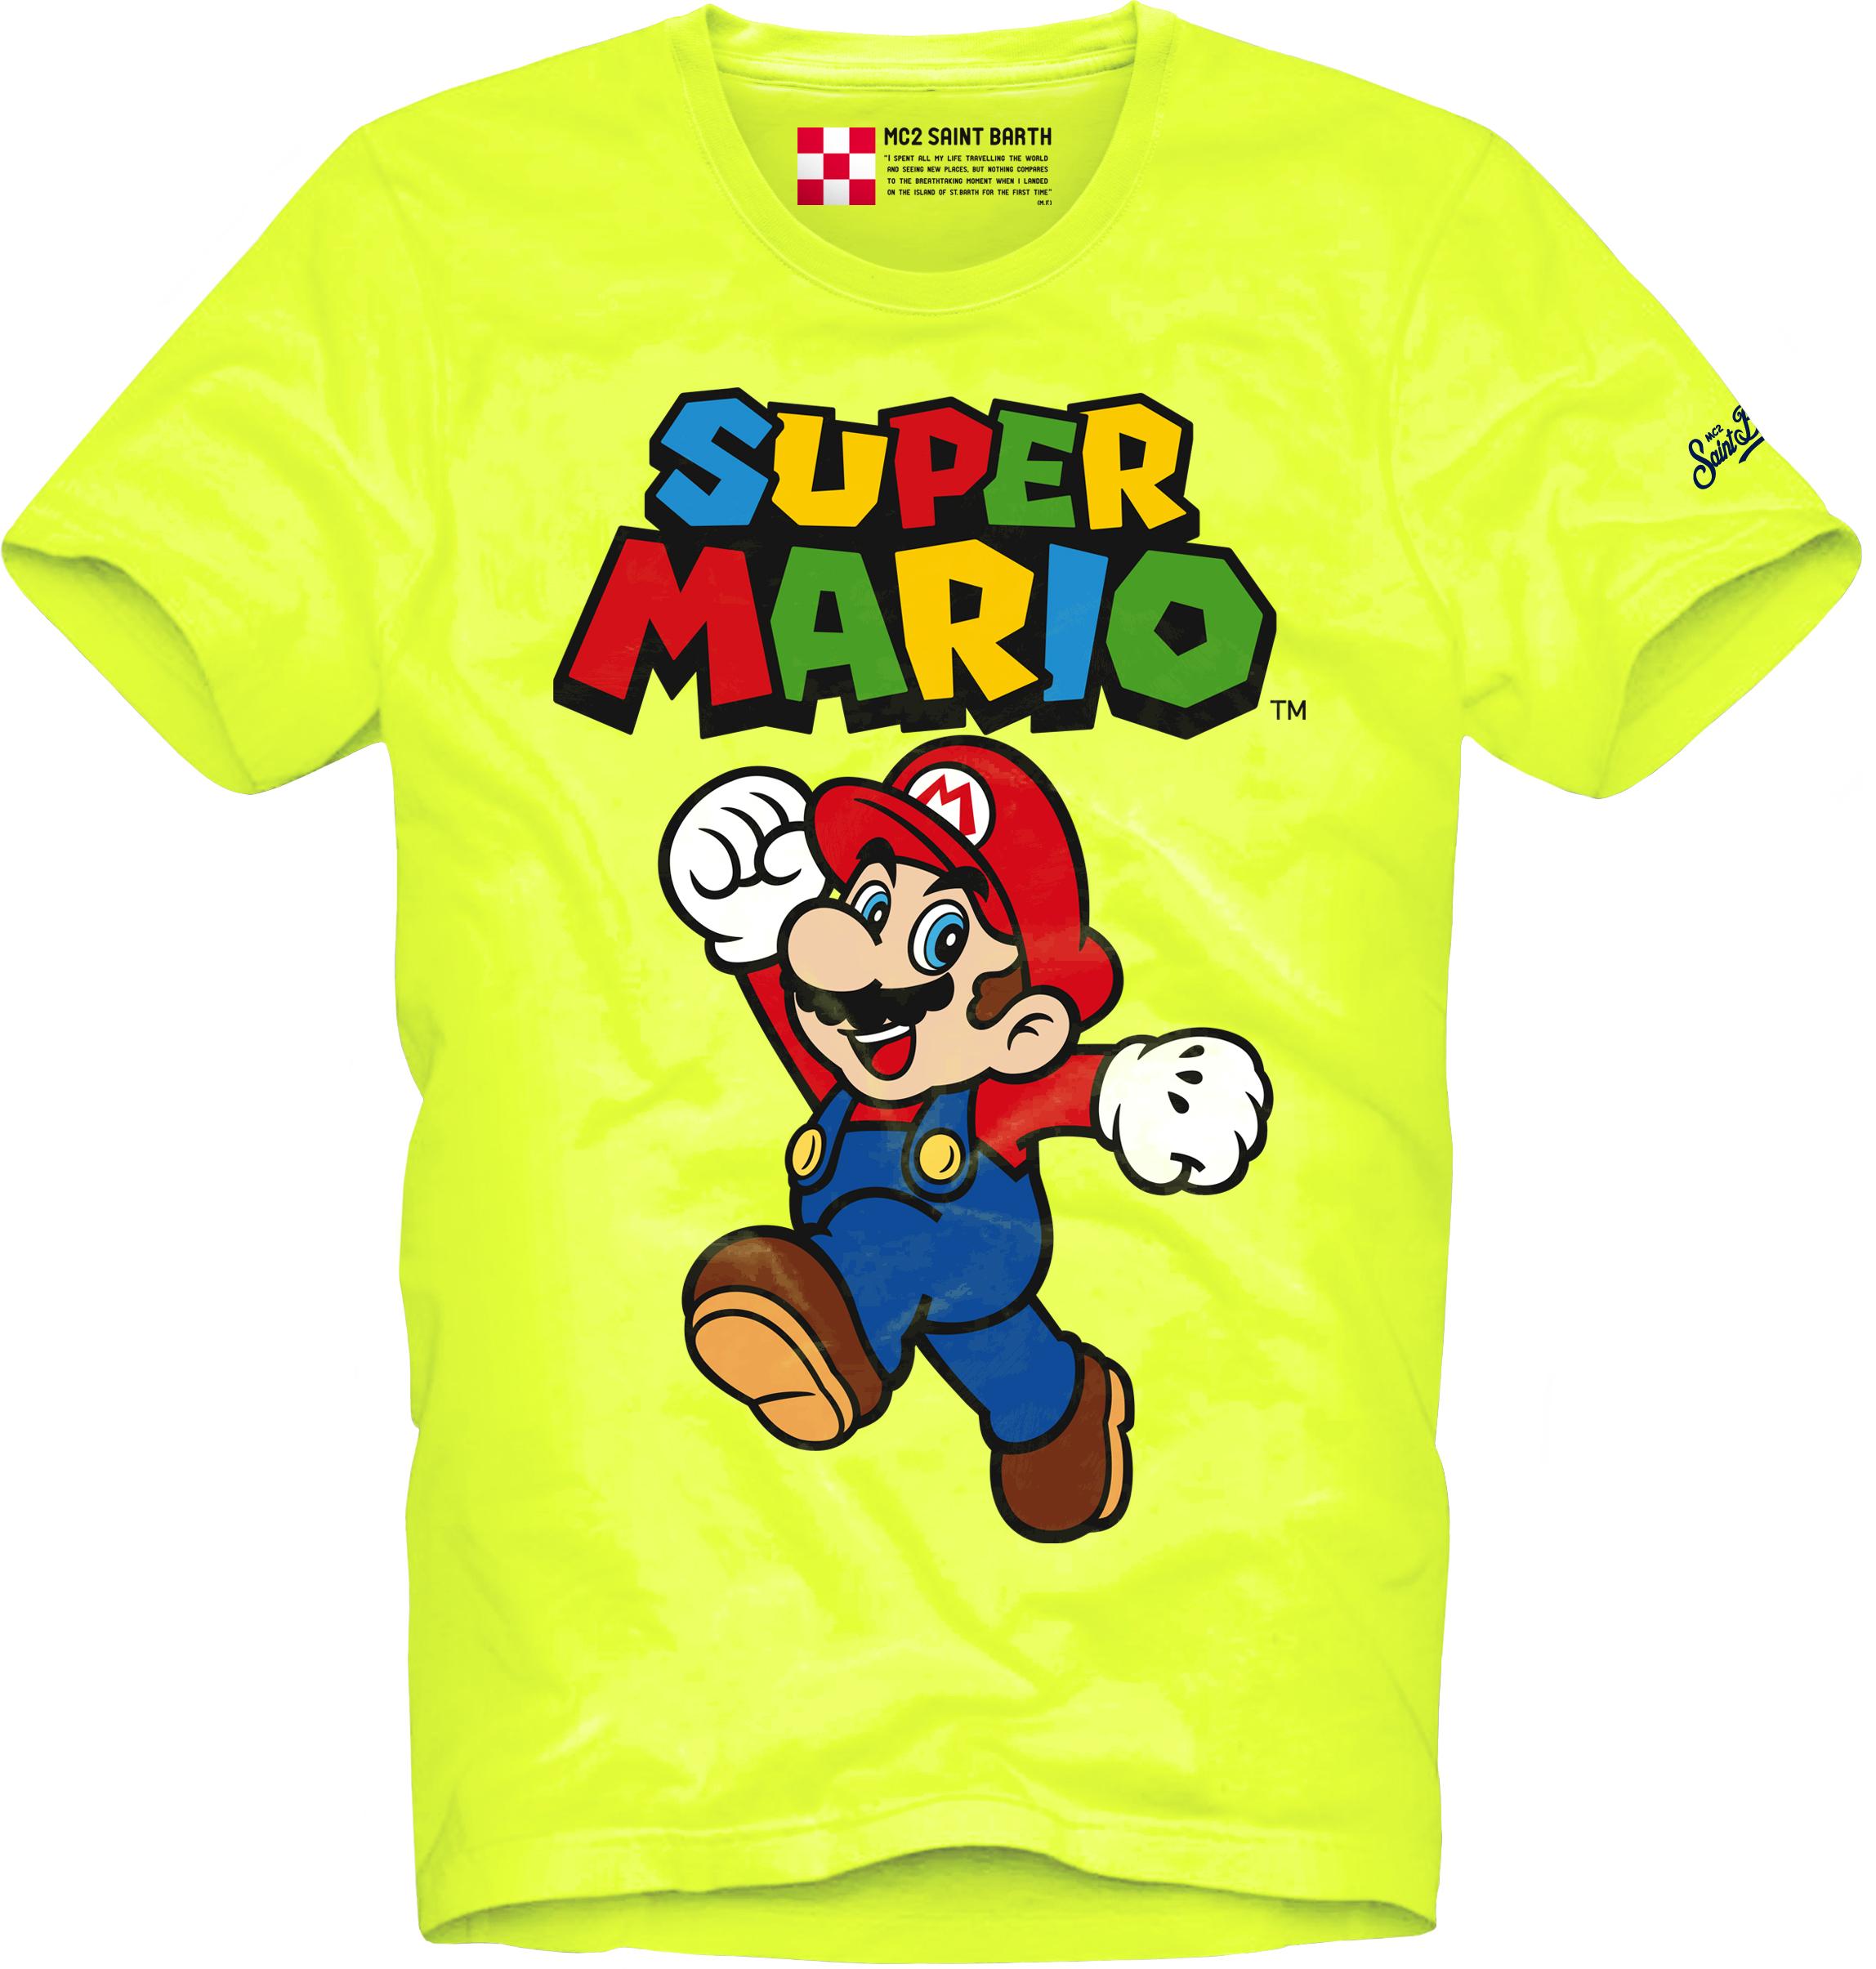 T-SHIRT CON STAMPA MC2  SAINT BARTH   T- shirt   TSHM001MAJU94